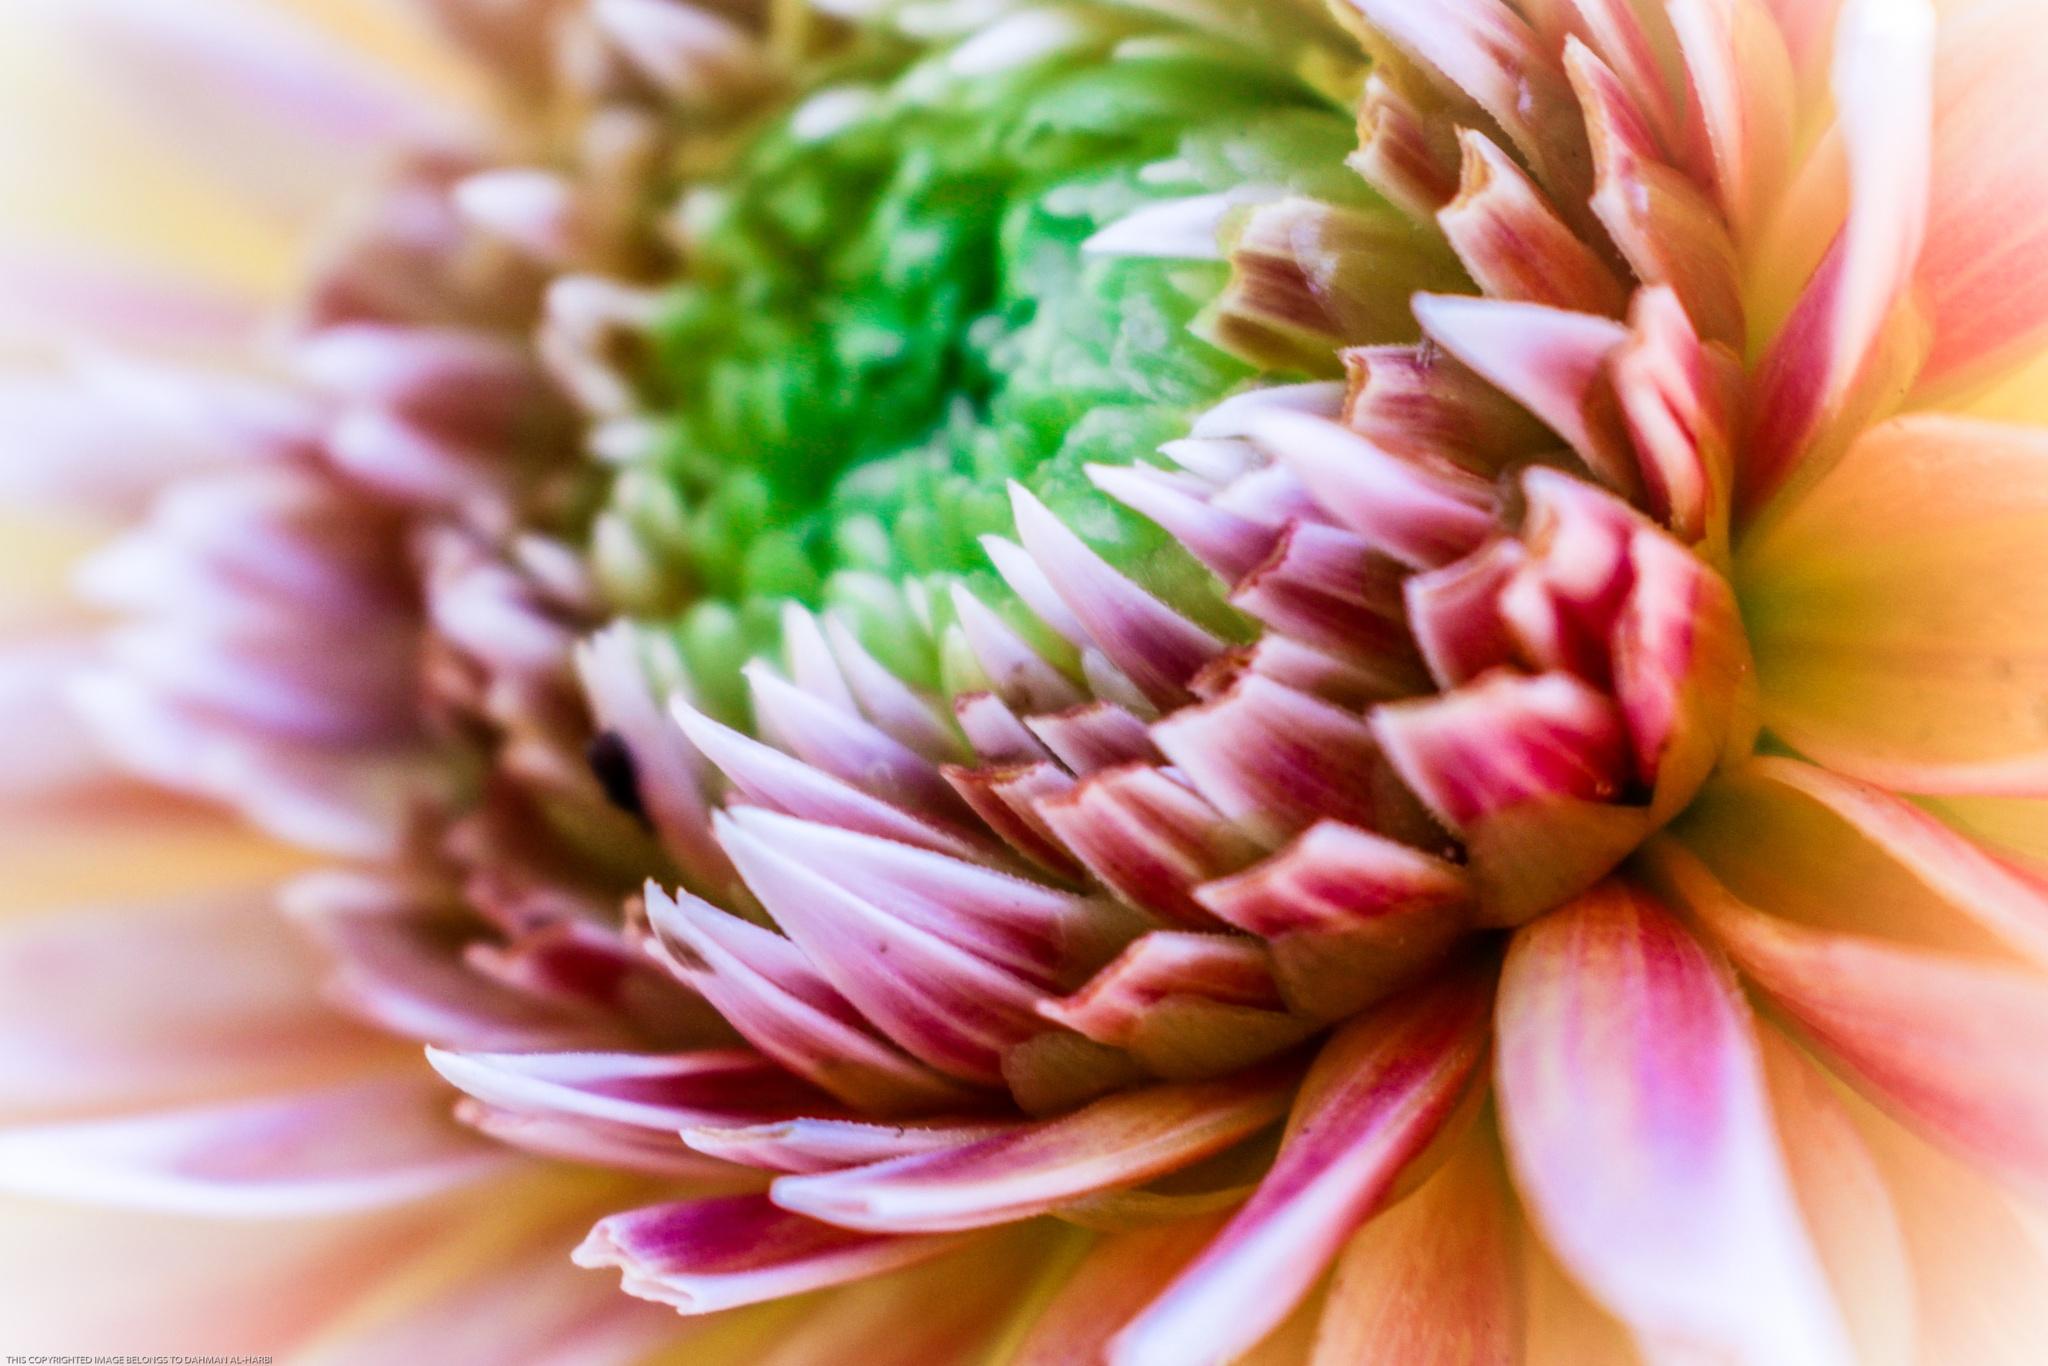 Flower by Dahman Alharbi